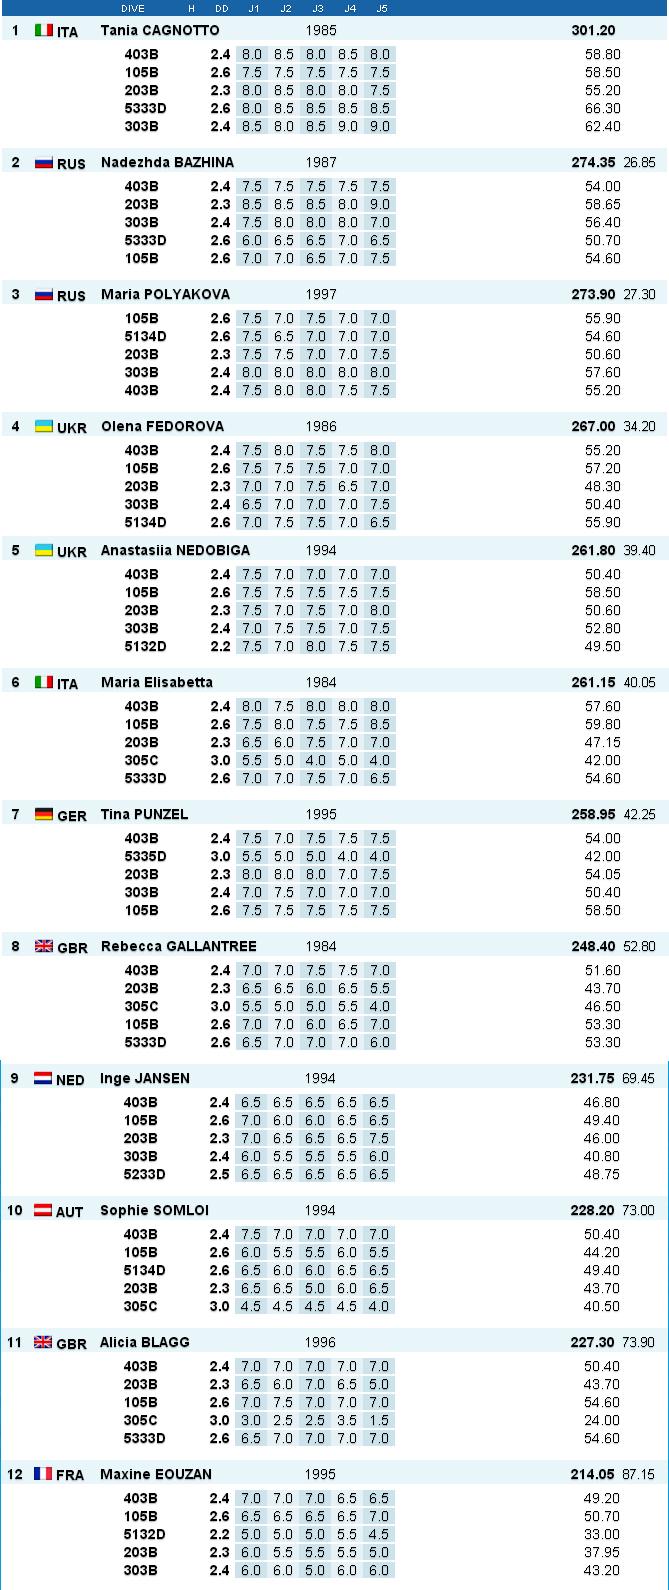 Tuffi Diving Campionati Europei Rostock Risultati 1mt femminile